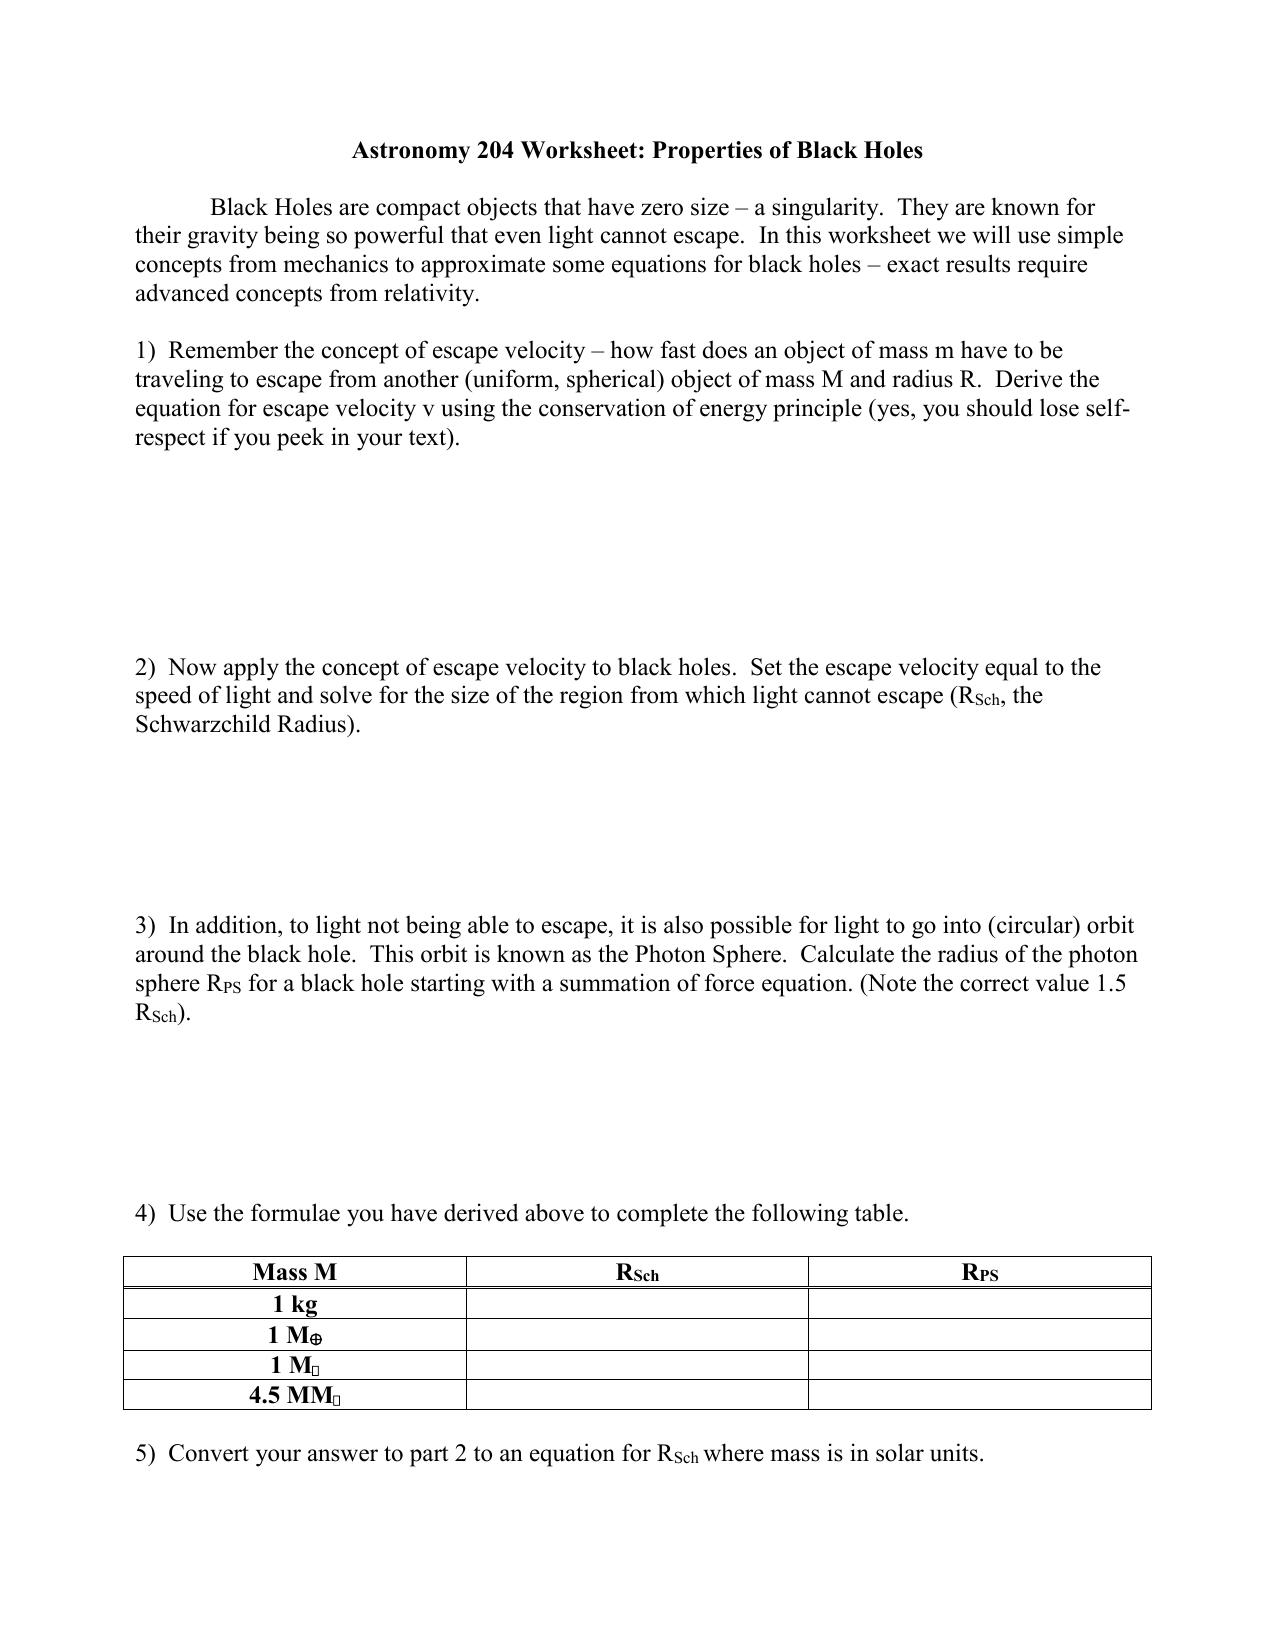 Black Hole Worksheet